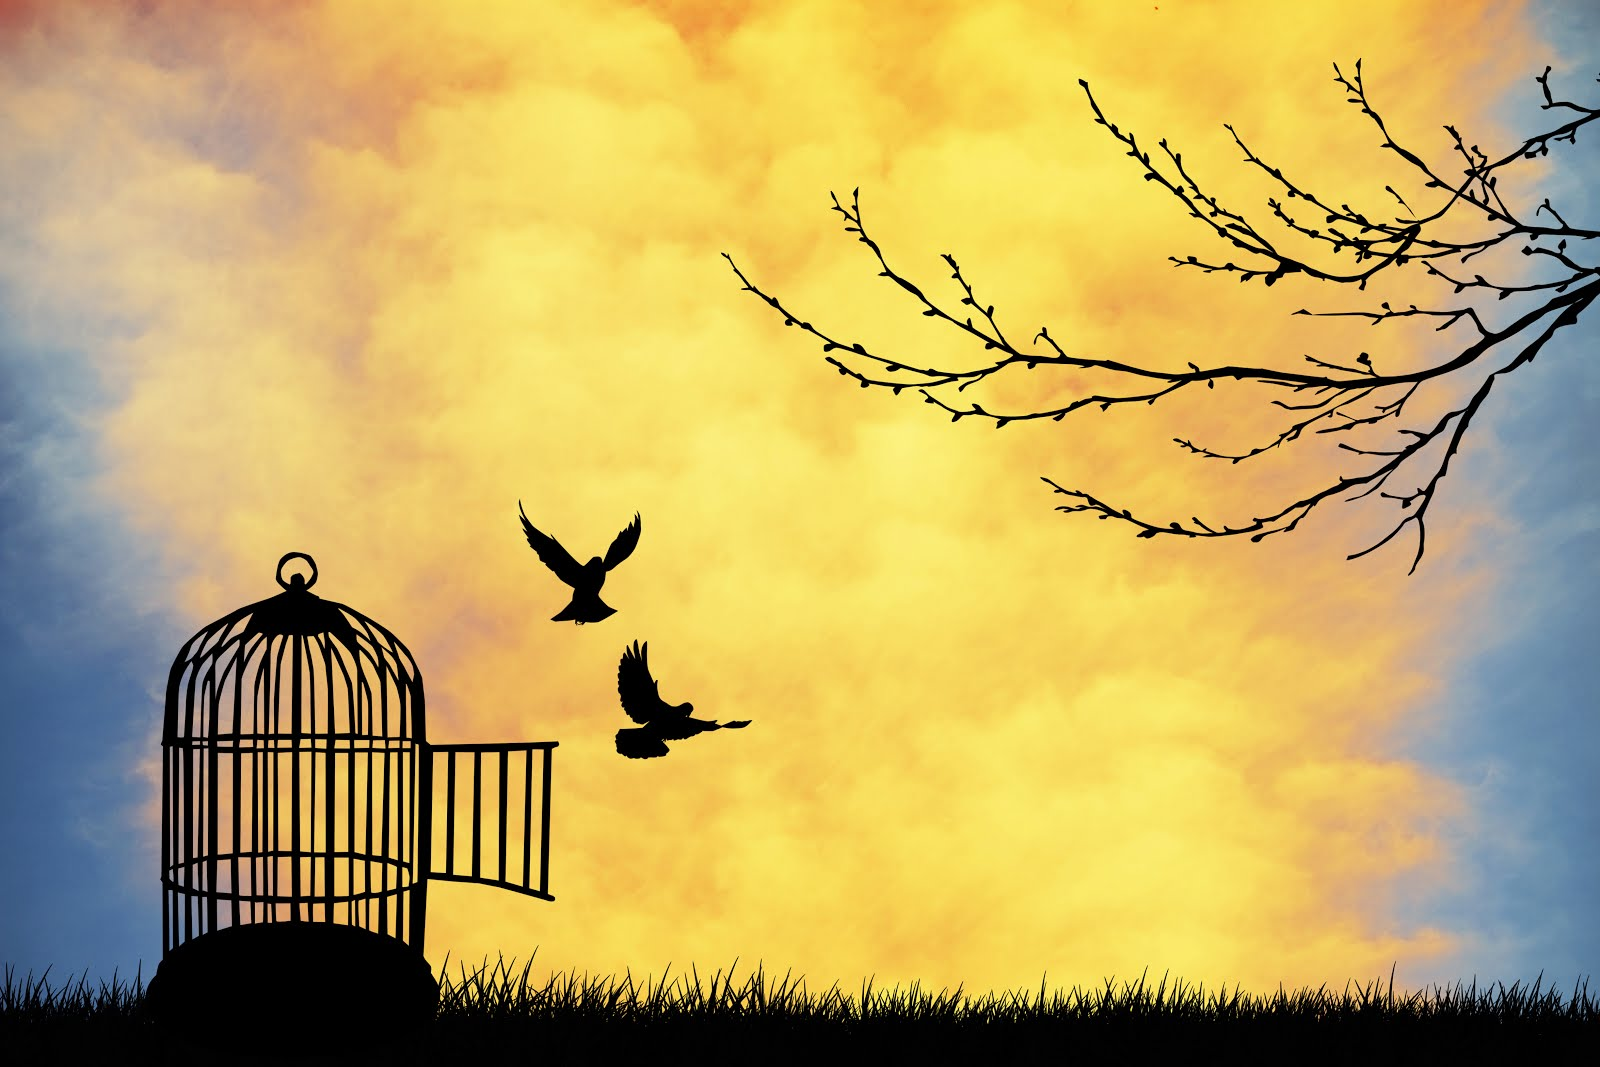 اجمل الصور المعبرة عن الحرية